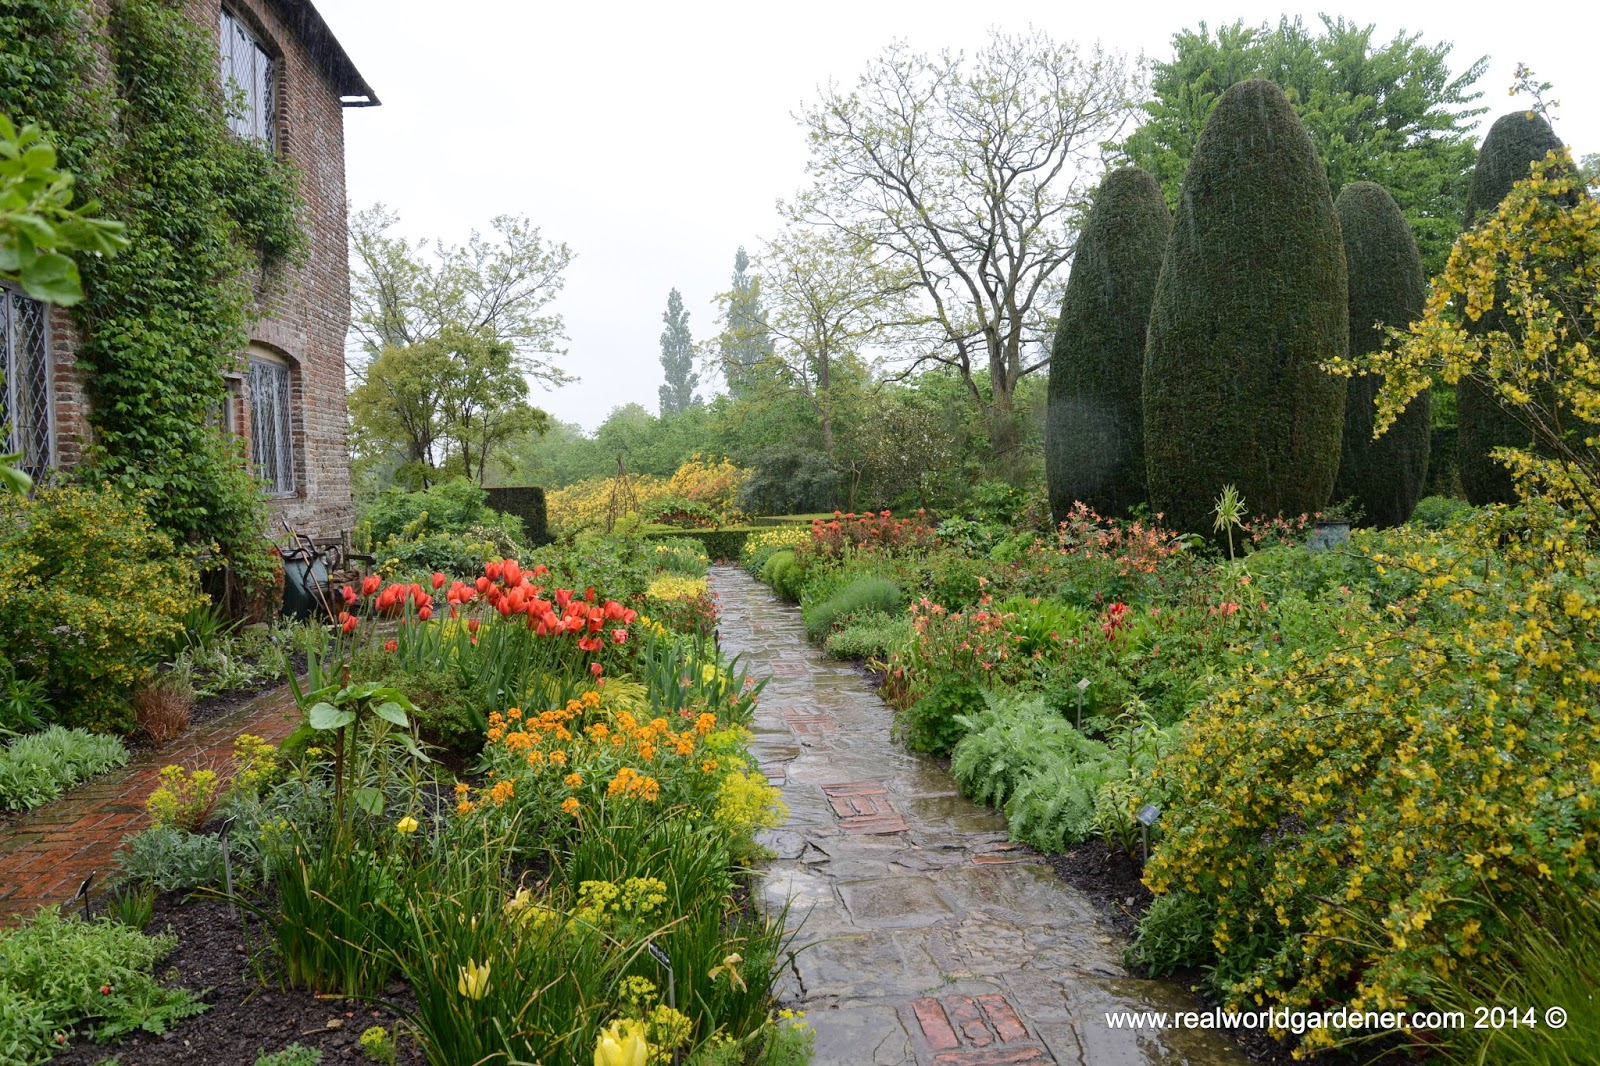 Real world gardening cut flower gardening in design elements for Best flowers for cutting garden